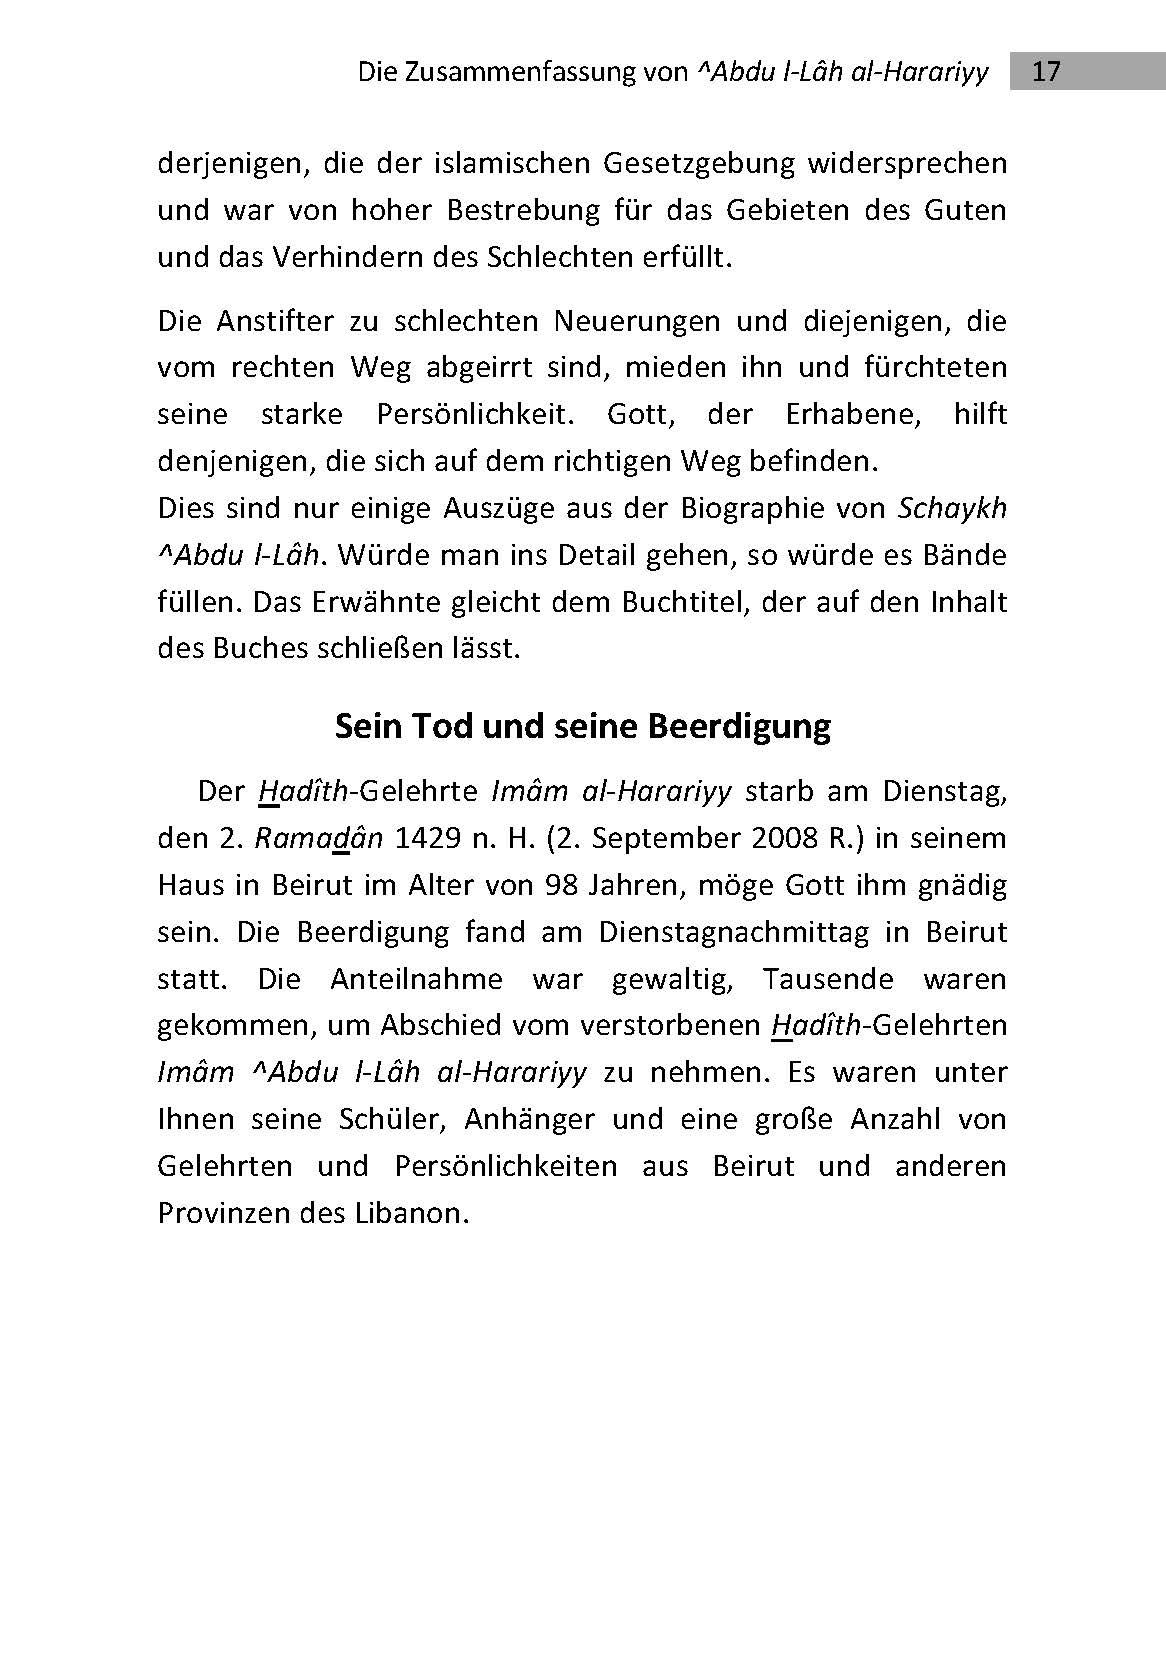 Die Zusammenfassung - 3. Auflage 2014_Seite_17